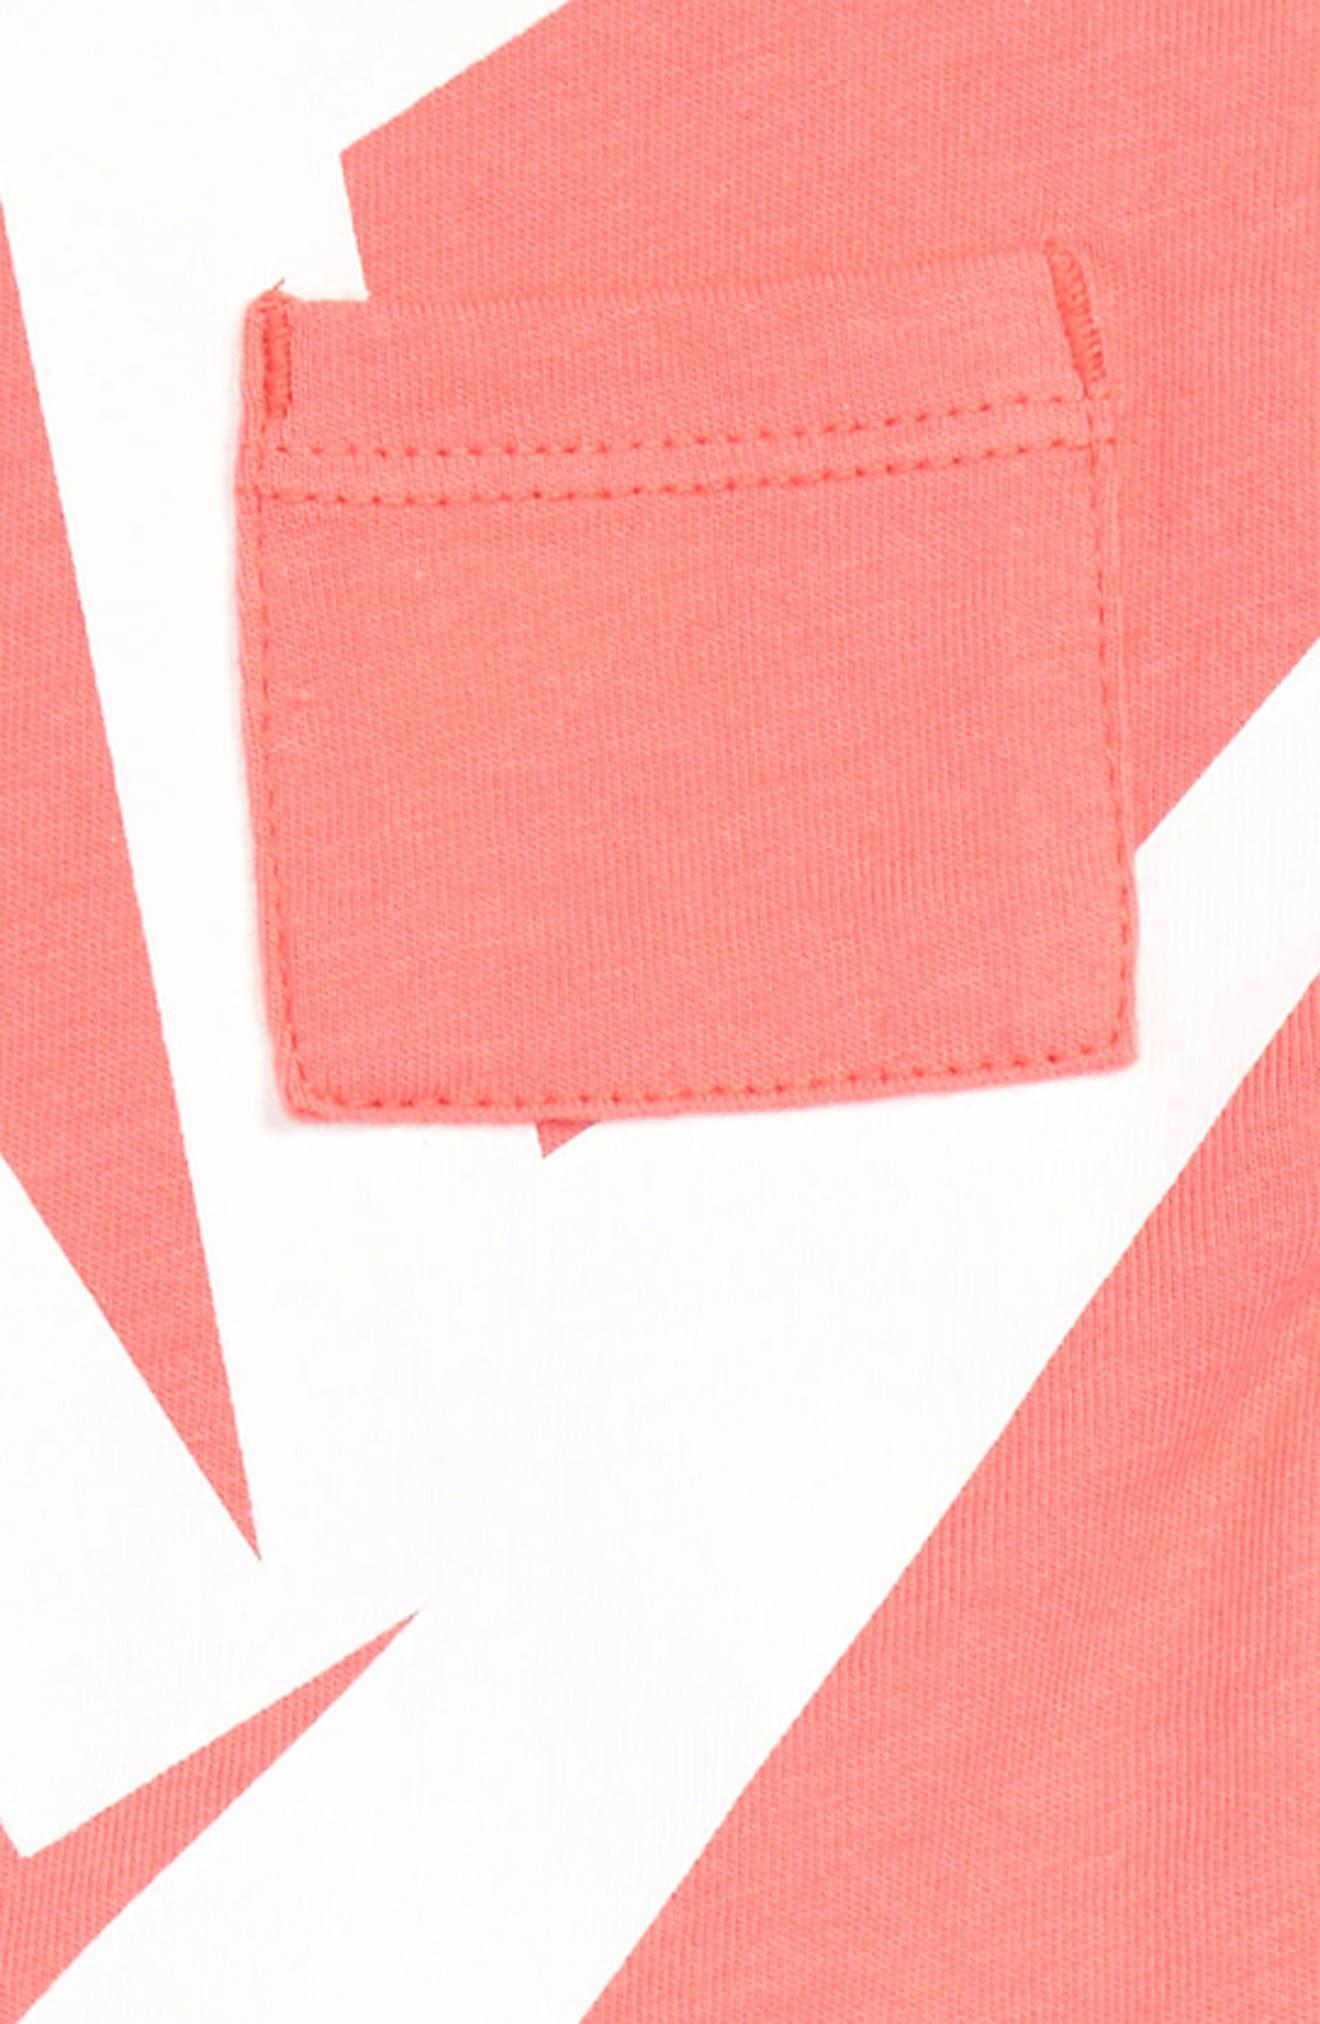 Futura Dress & Capri Leggings Set,                             Alternate thumbnail 2, color,                             100